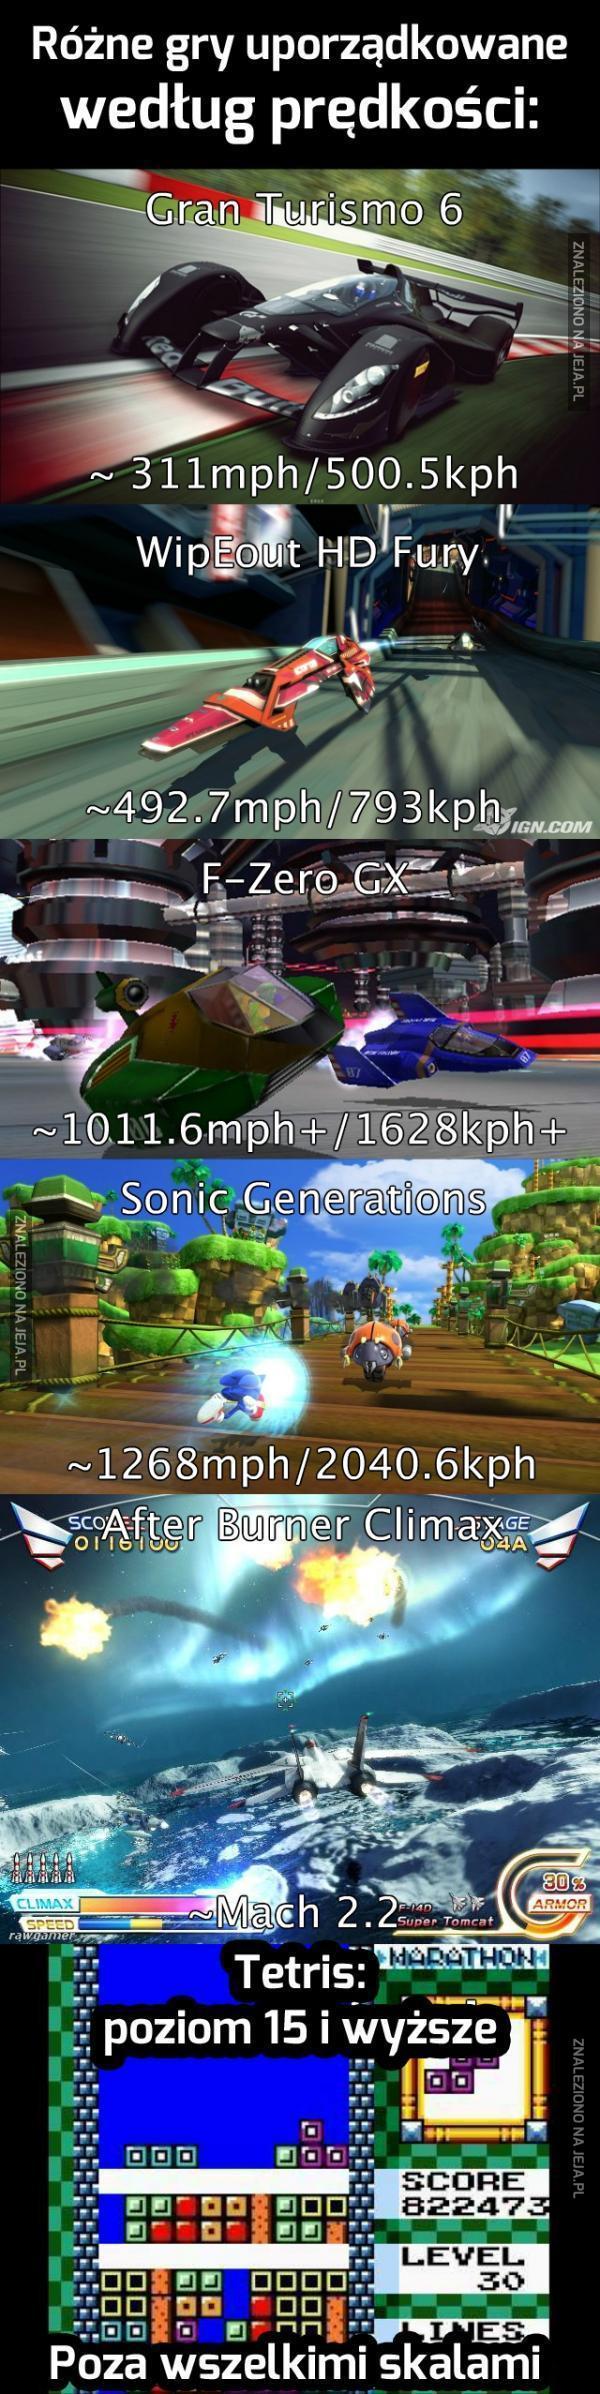 Gry pod względem szybkości